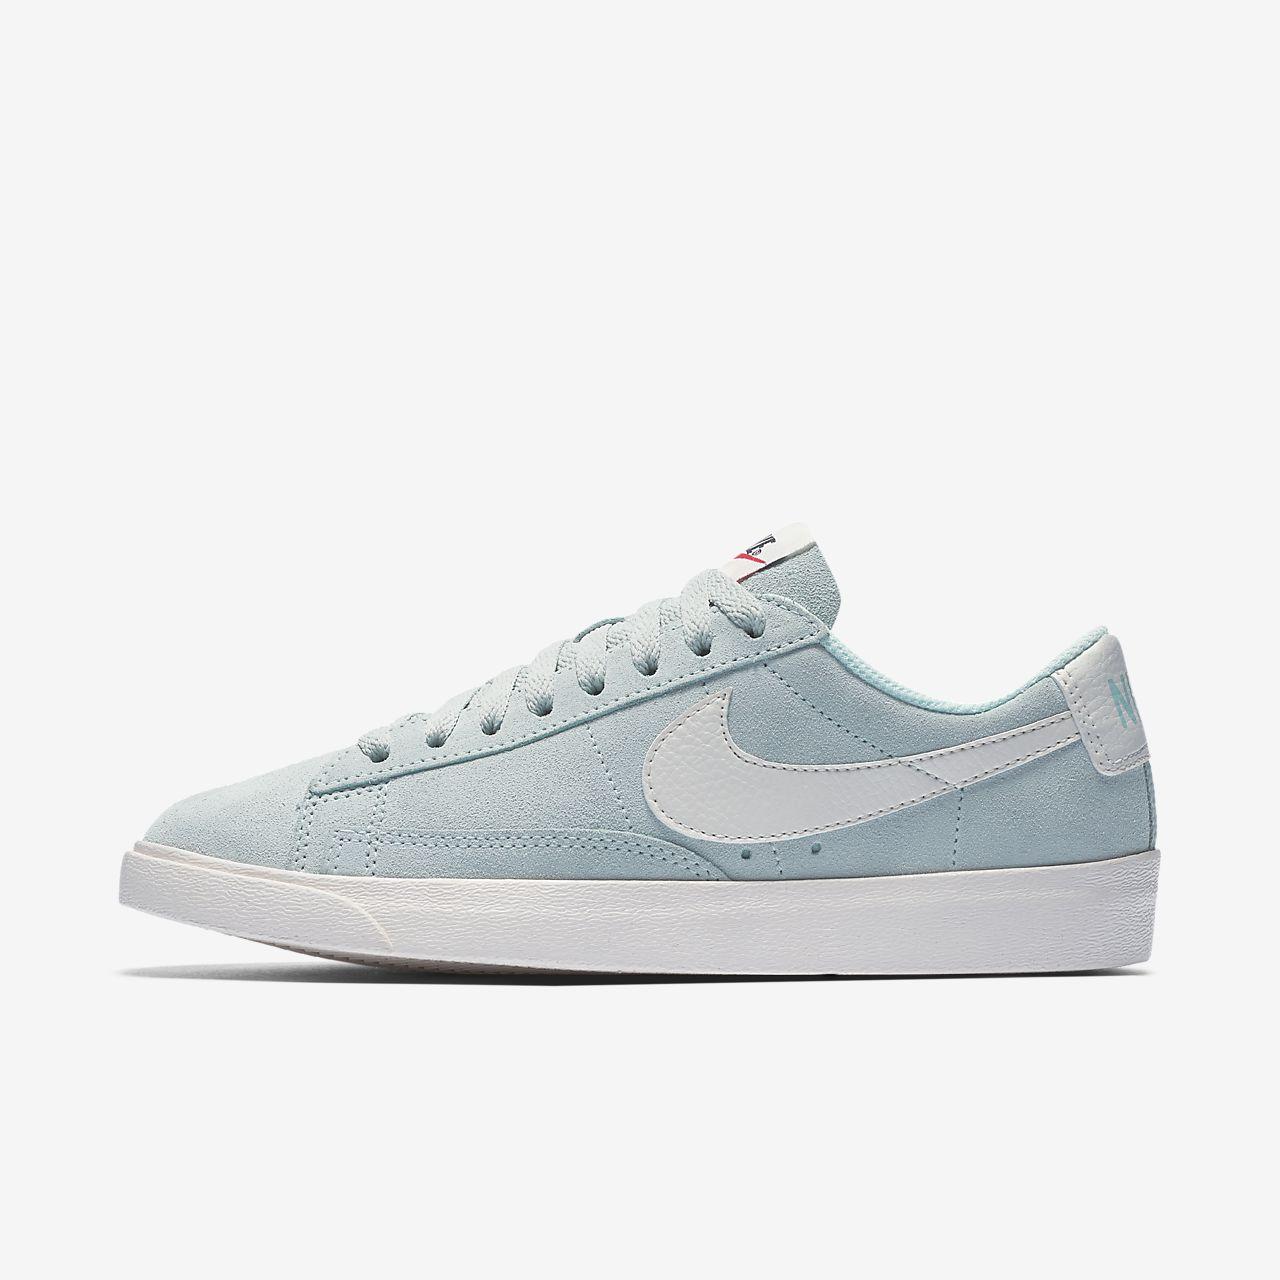 Nike Blazer Low Damenschuh Modern und elegant